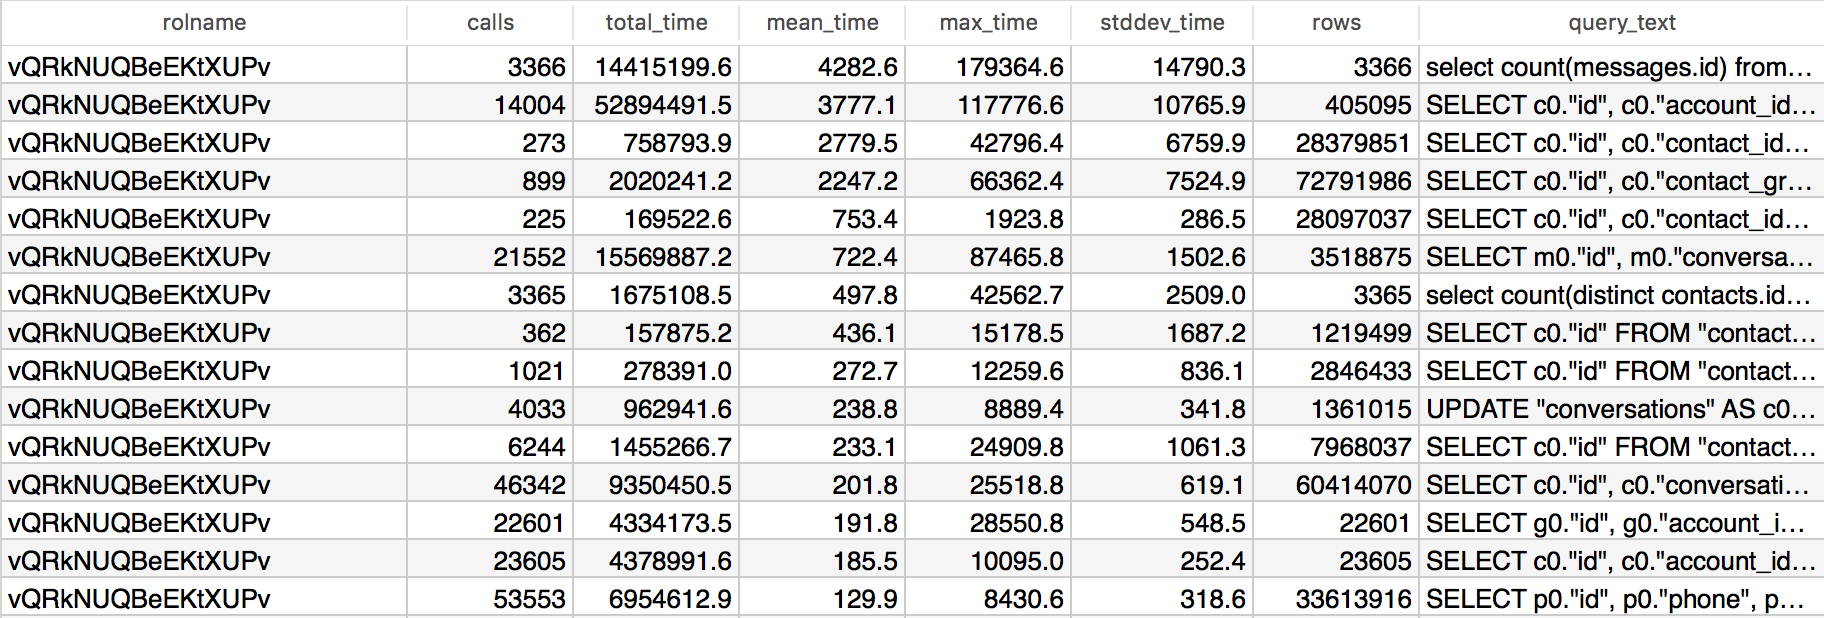 postgres-query-performance